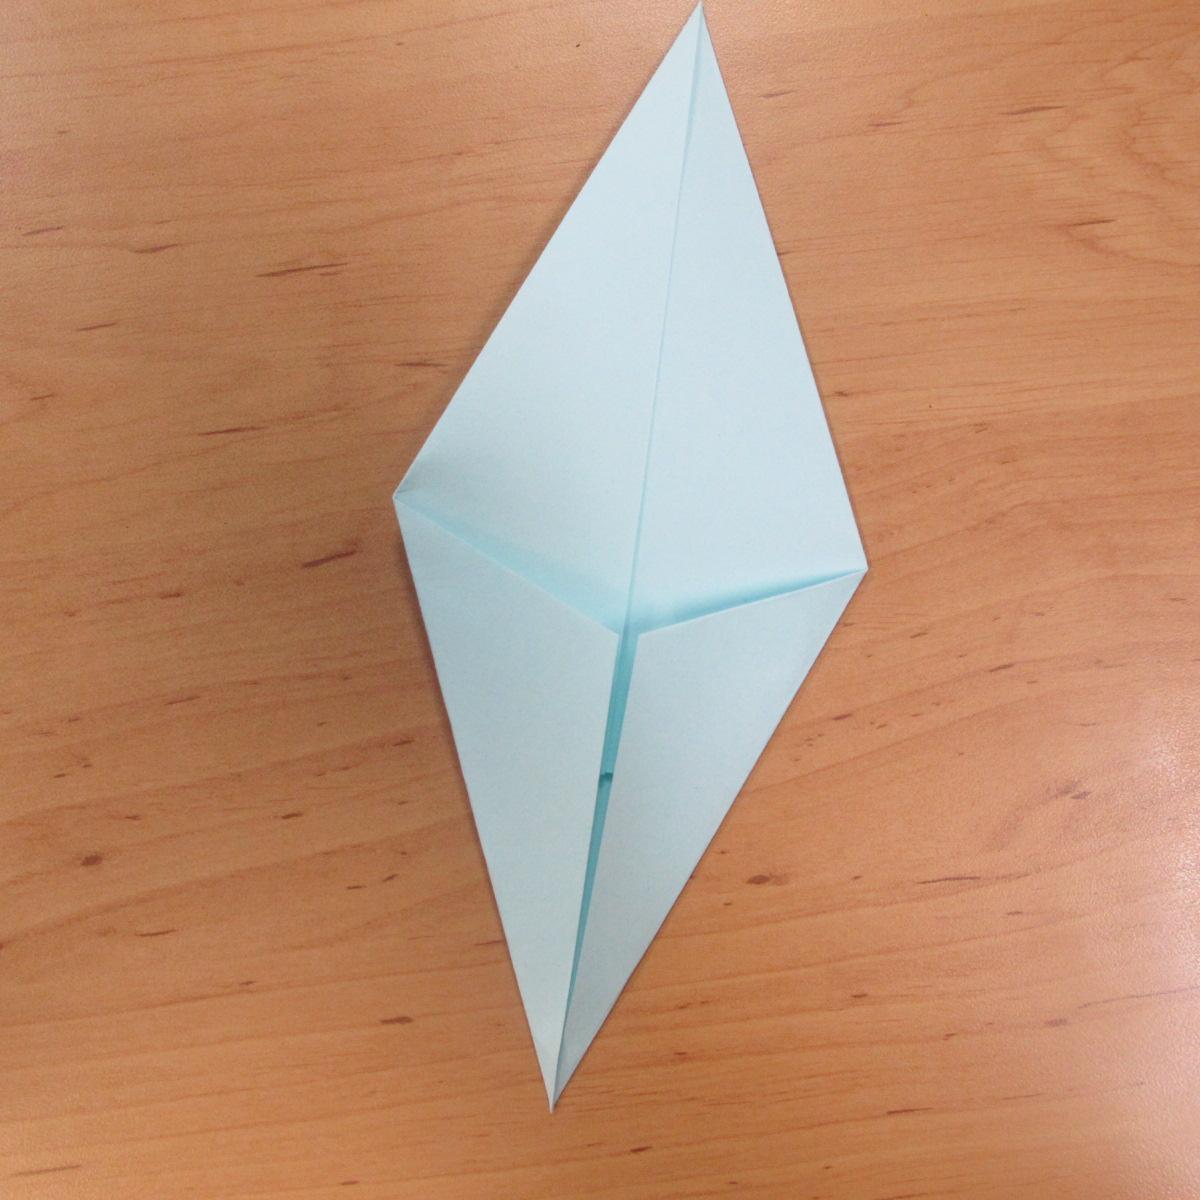 วิธีพับกระดาษเป็นรูปผีน้อย 003